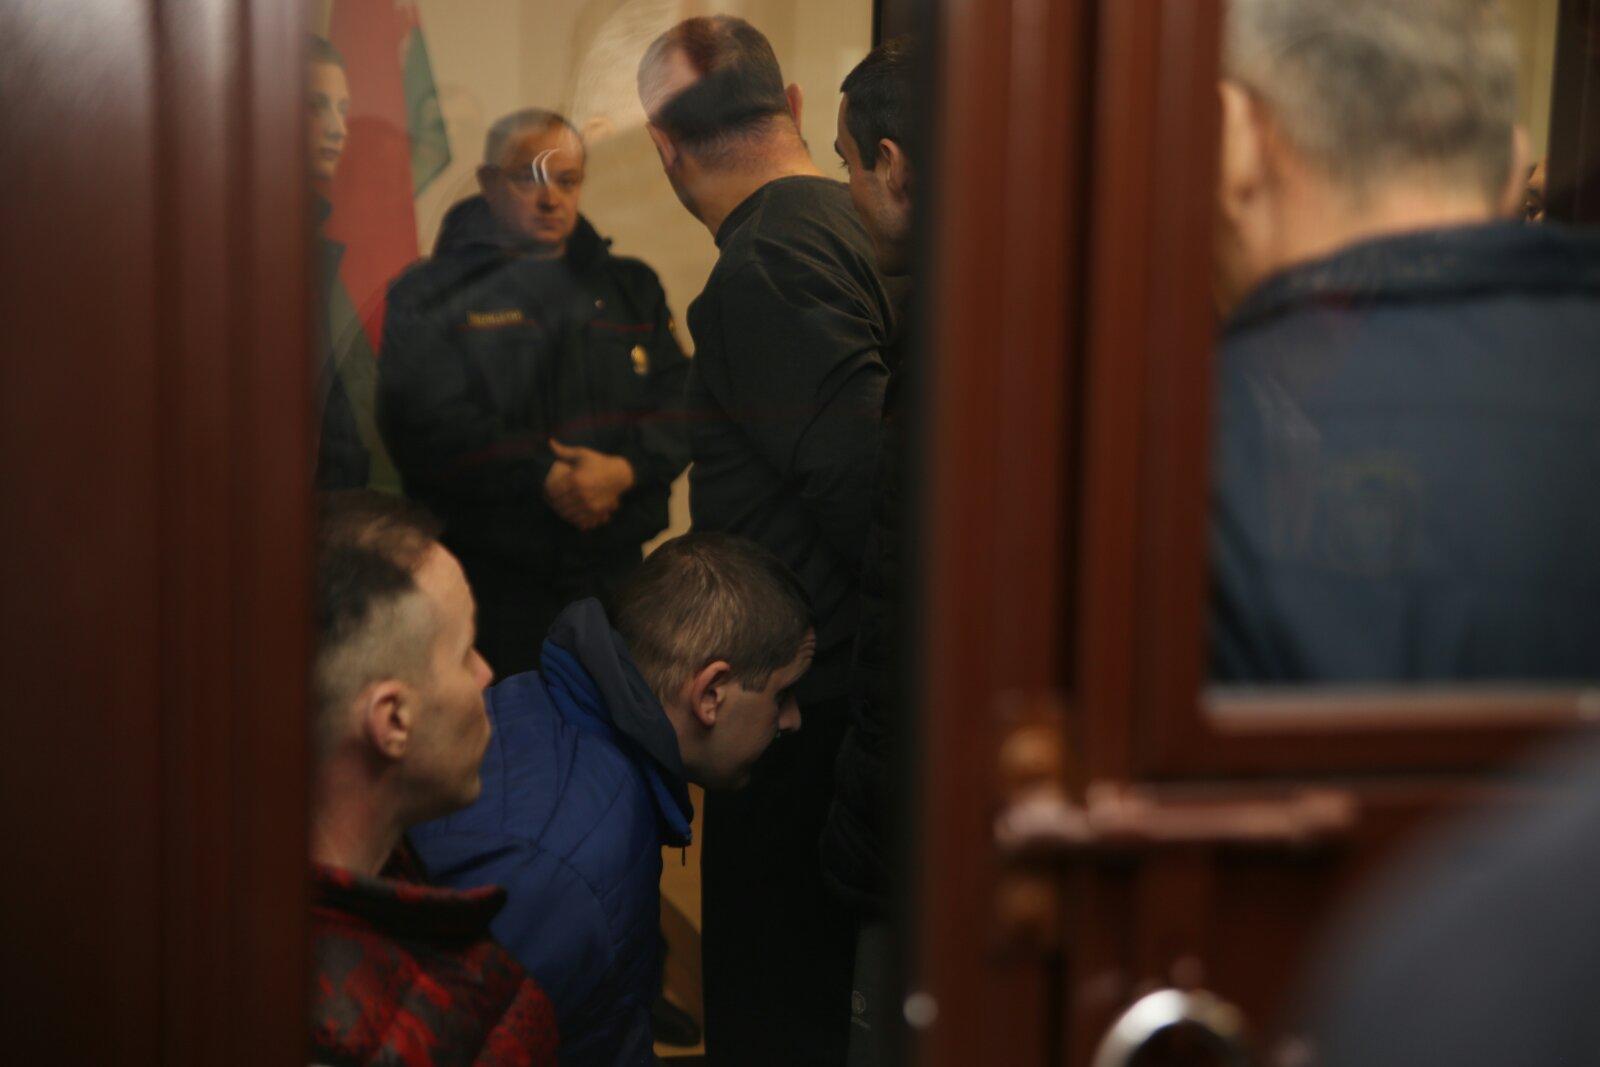 Подсудимые перед началом суда по факту кражи оружия из барановичского гарнизона, 25 ноября. Фото: Александр ЧЕРНЫЙ, Intex-press